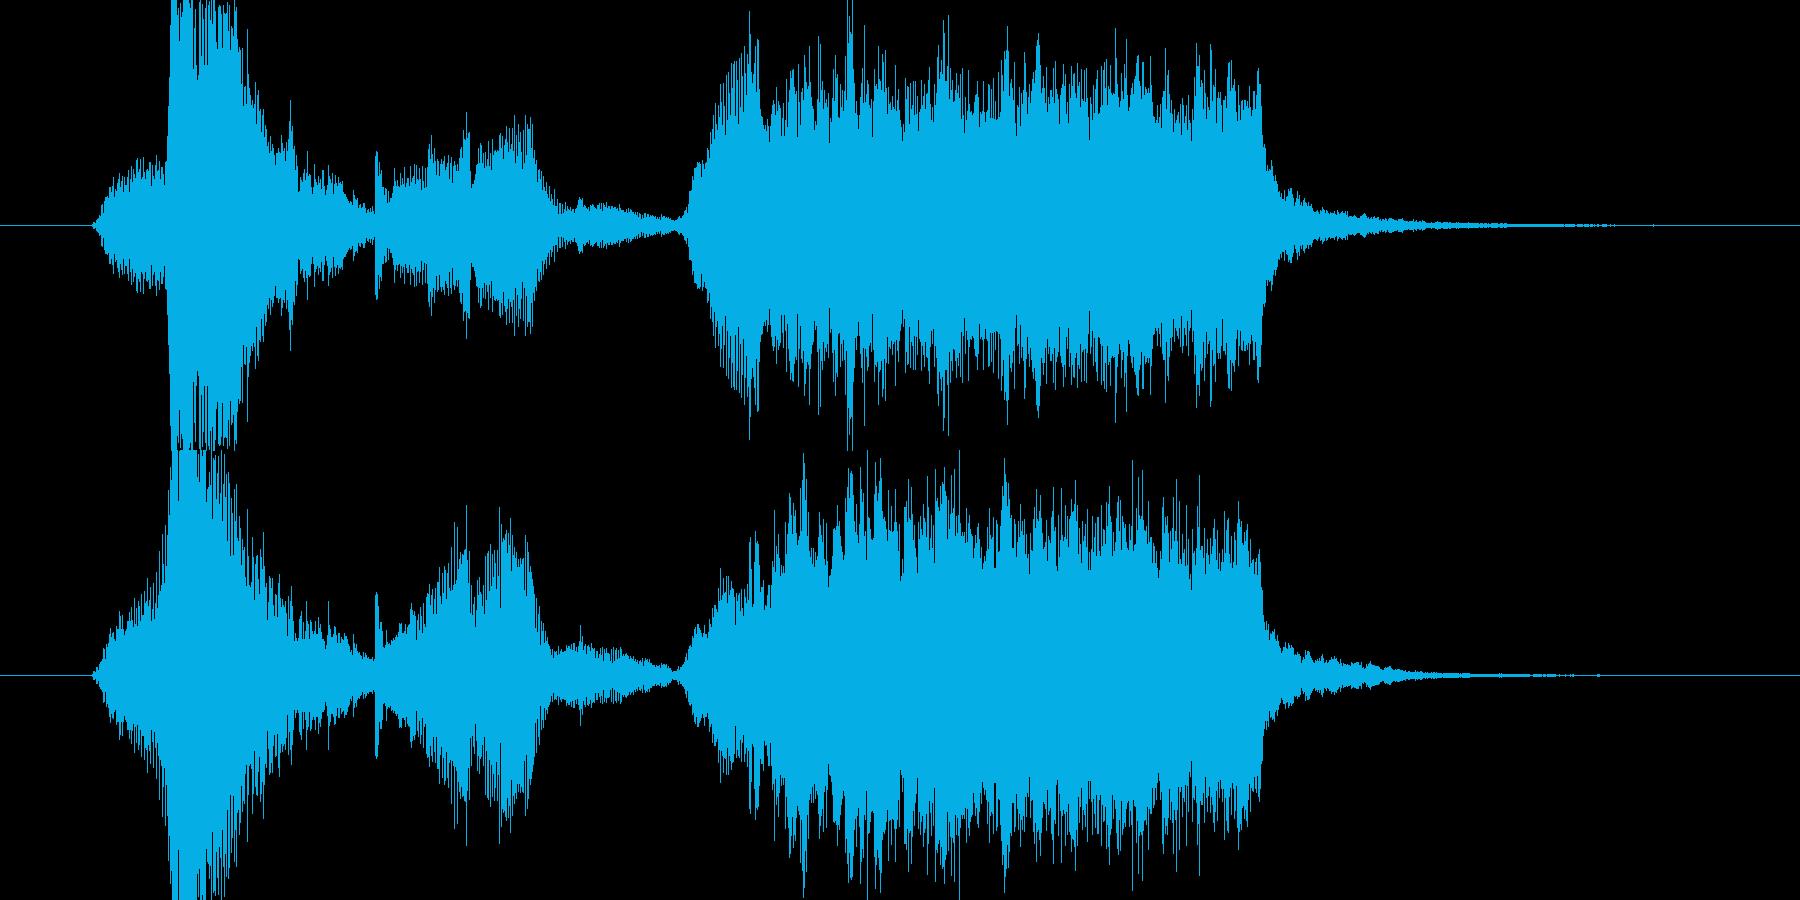 サスペンス・ミステリー風チェロのジングルの再生済みの波形